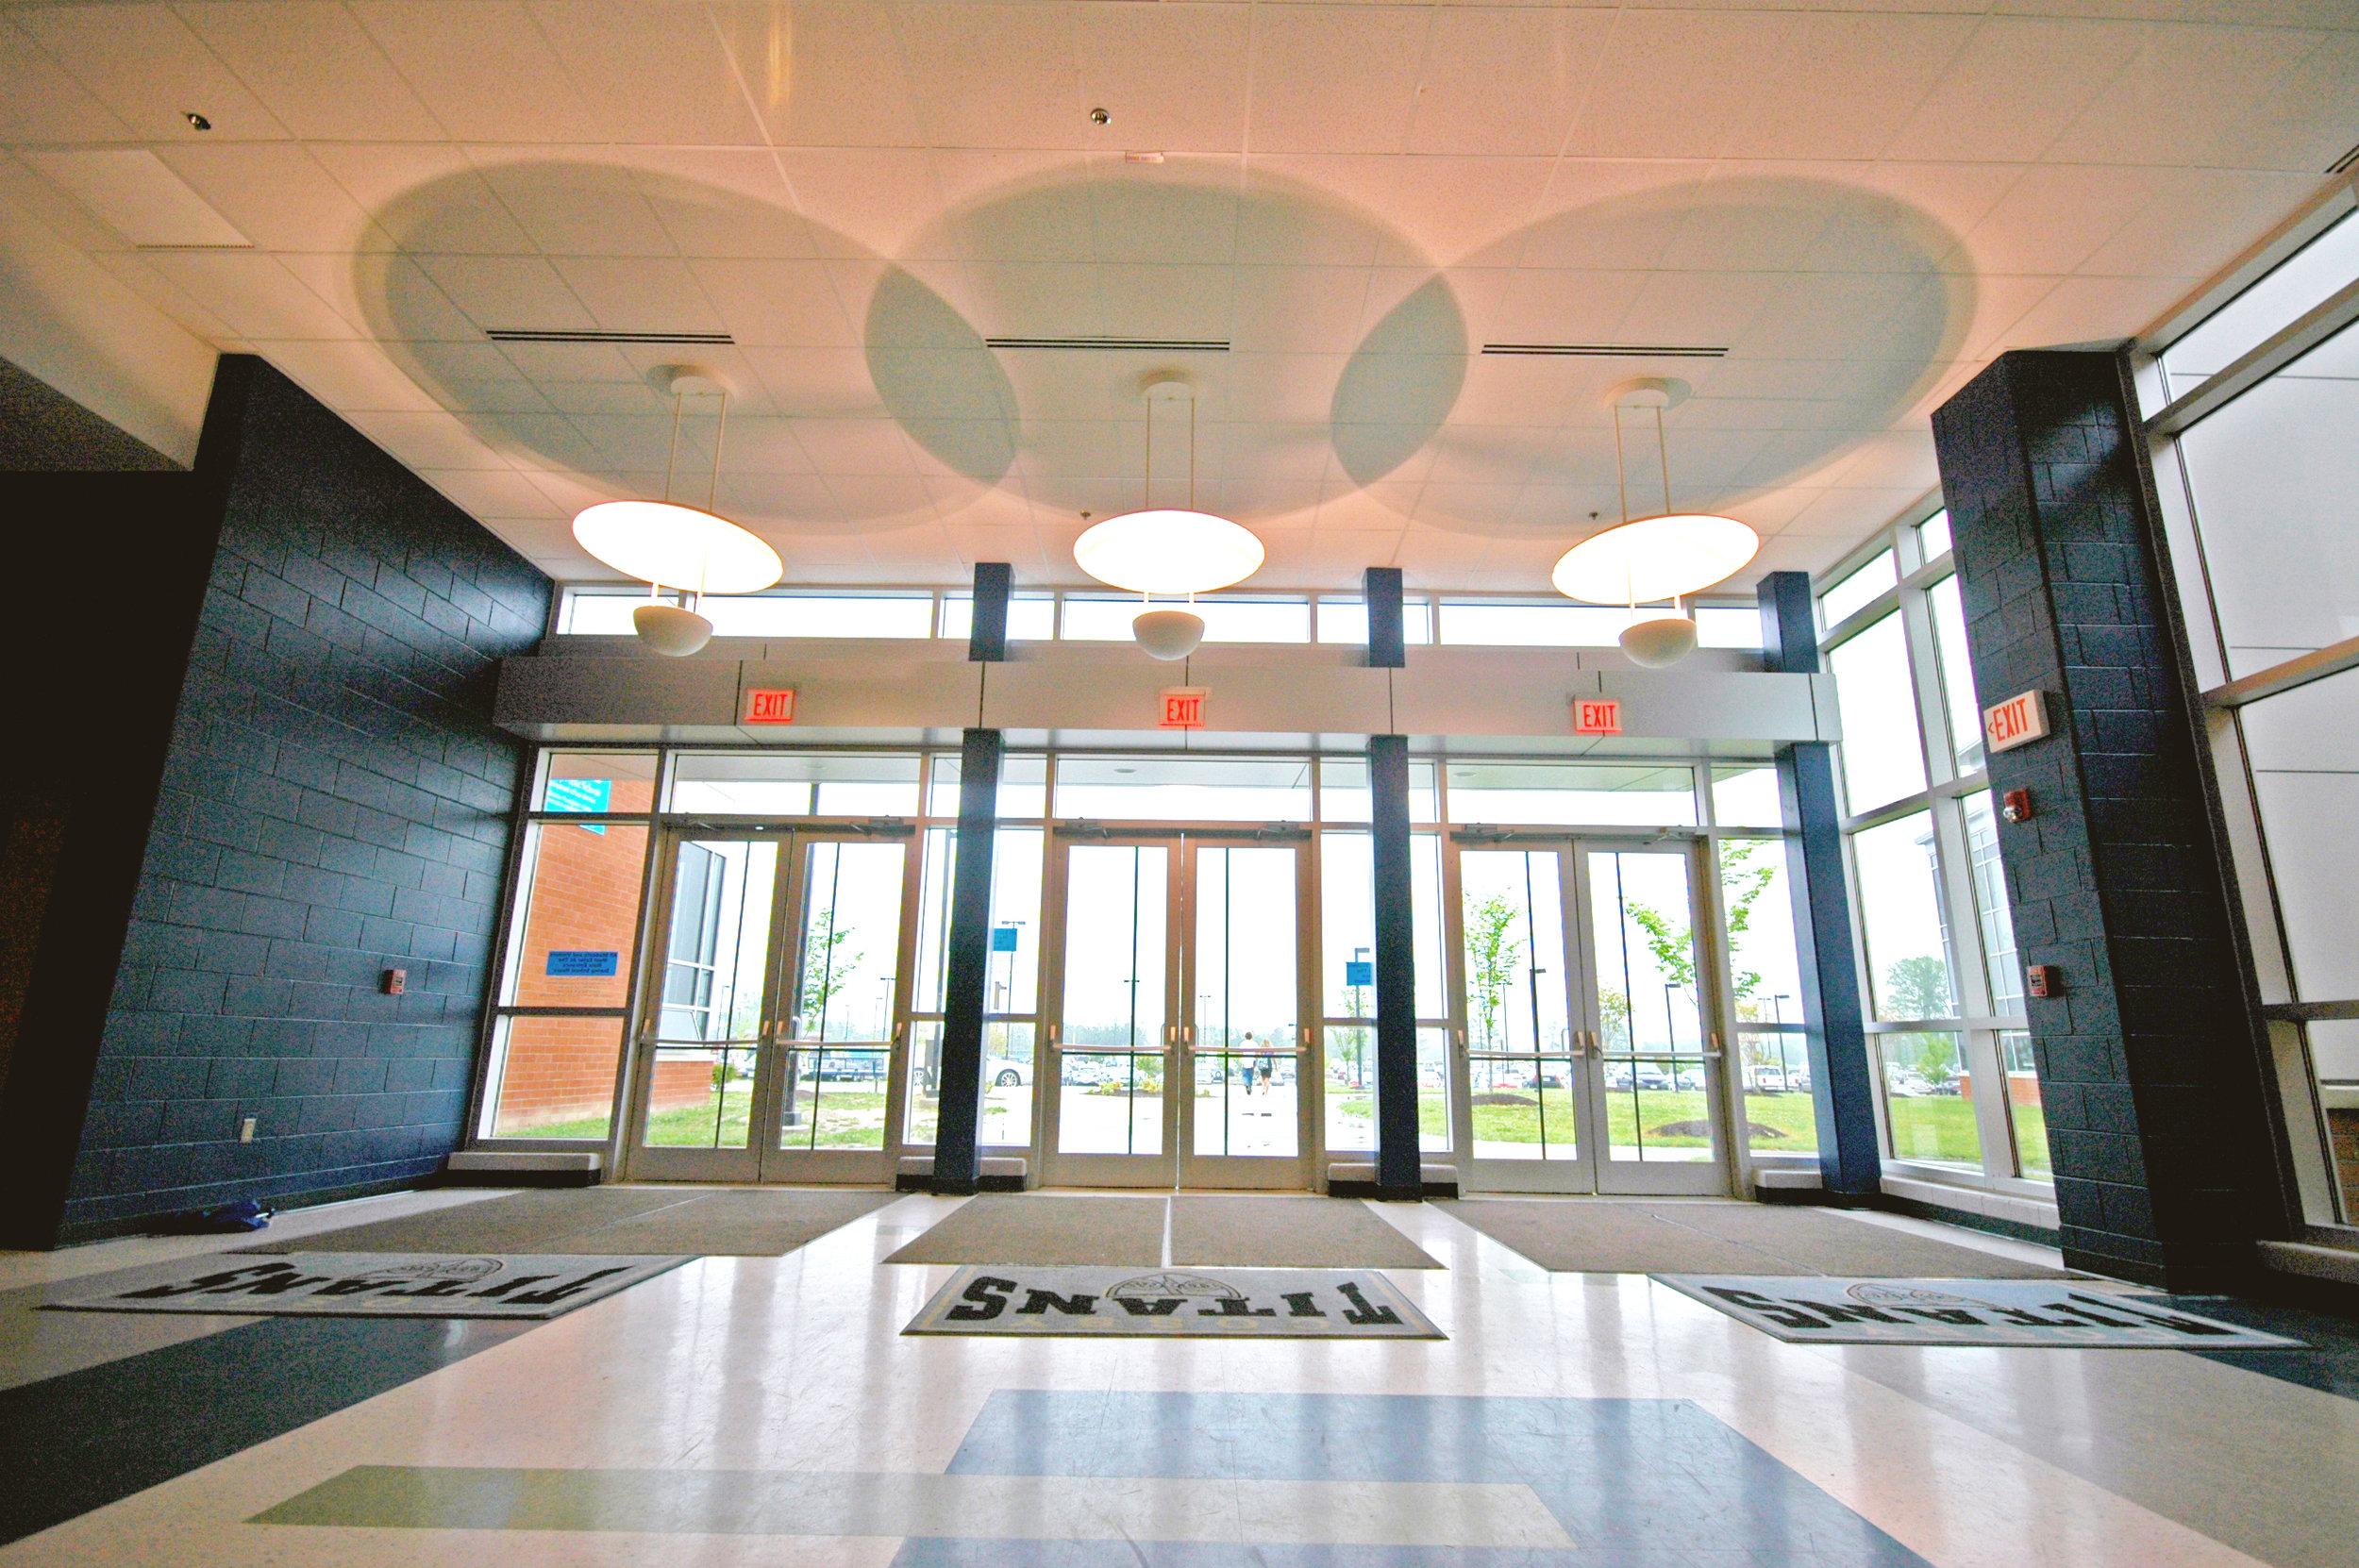 interior_entrance 2.JPG